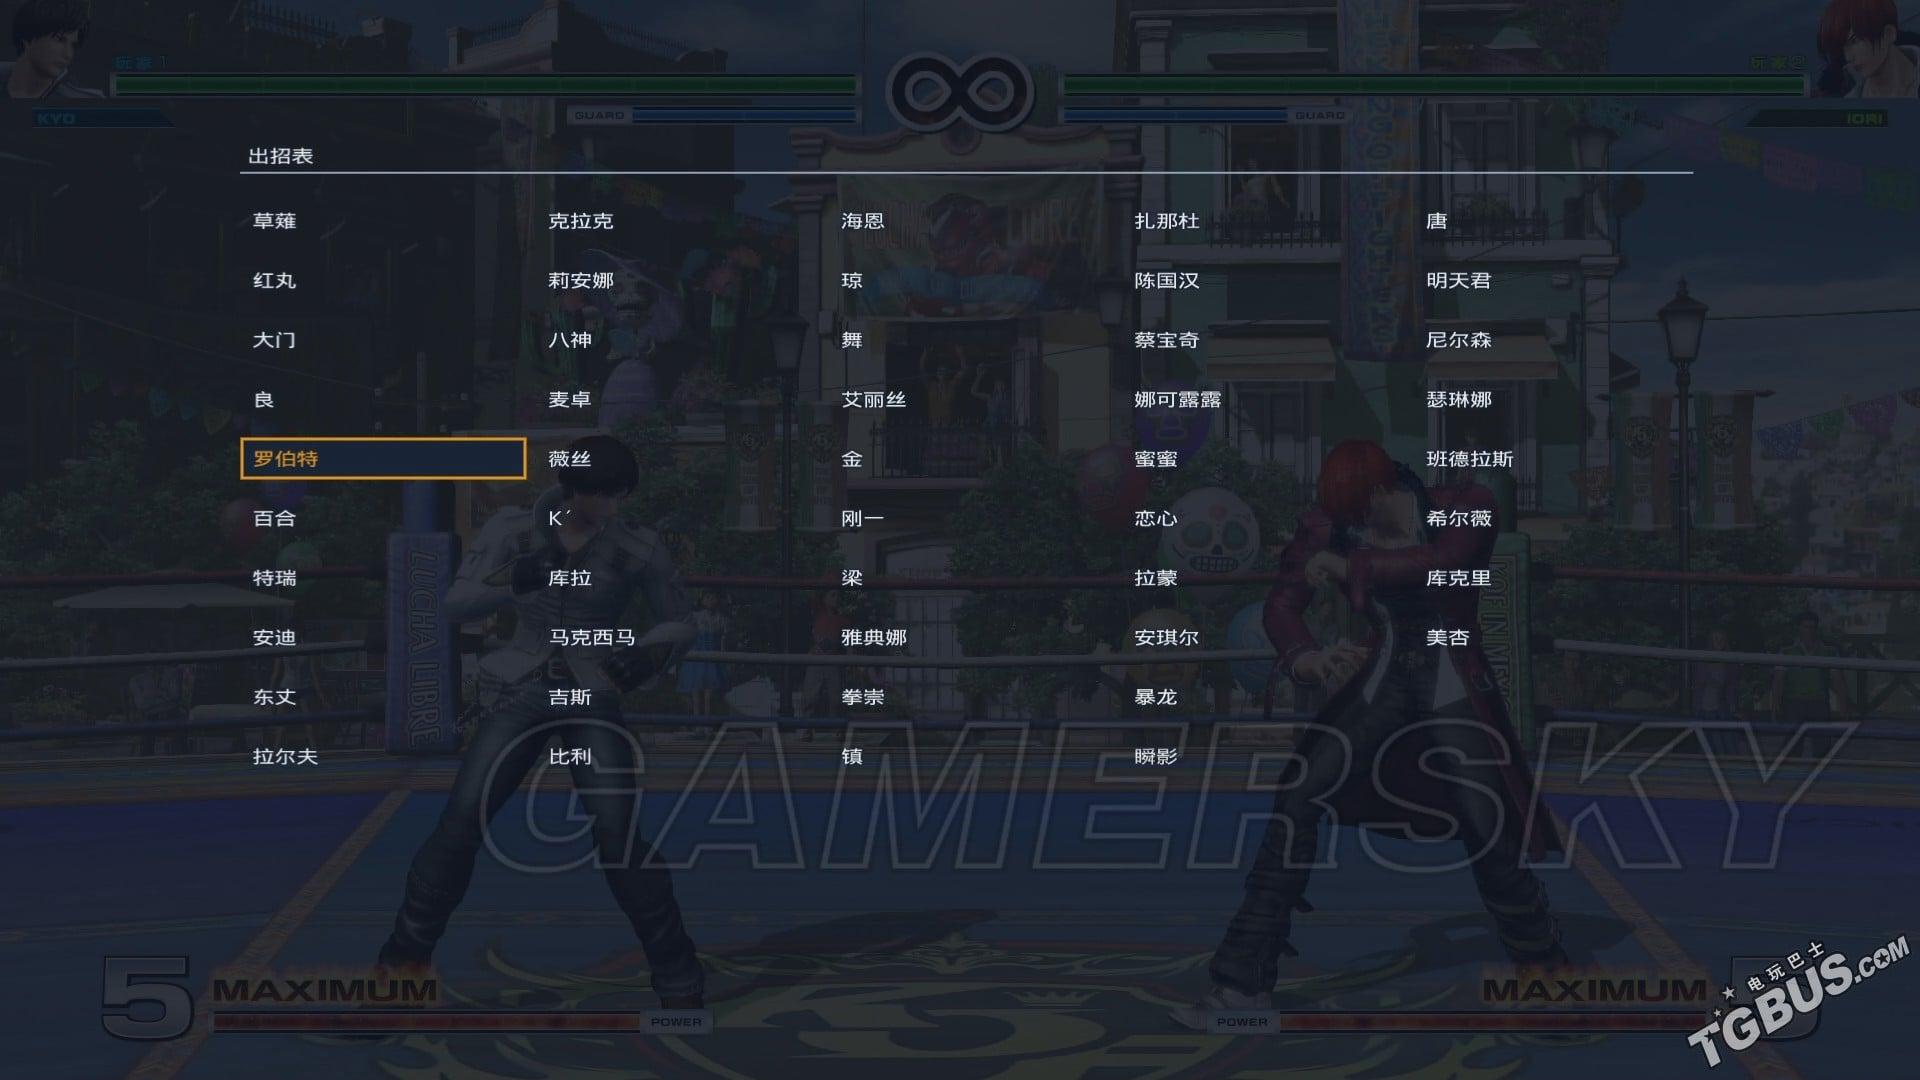 拳皇14 人物連招必殺及操作試玩心得 拳皇14好玩嗎